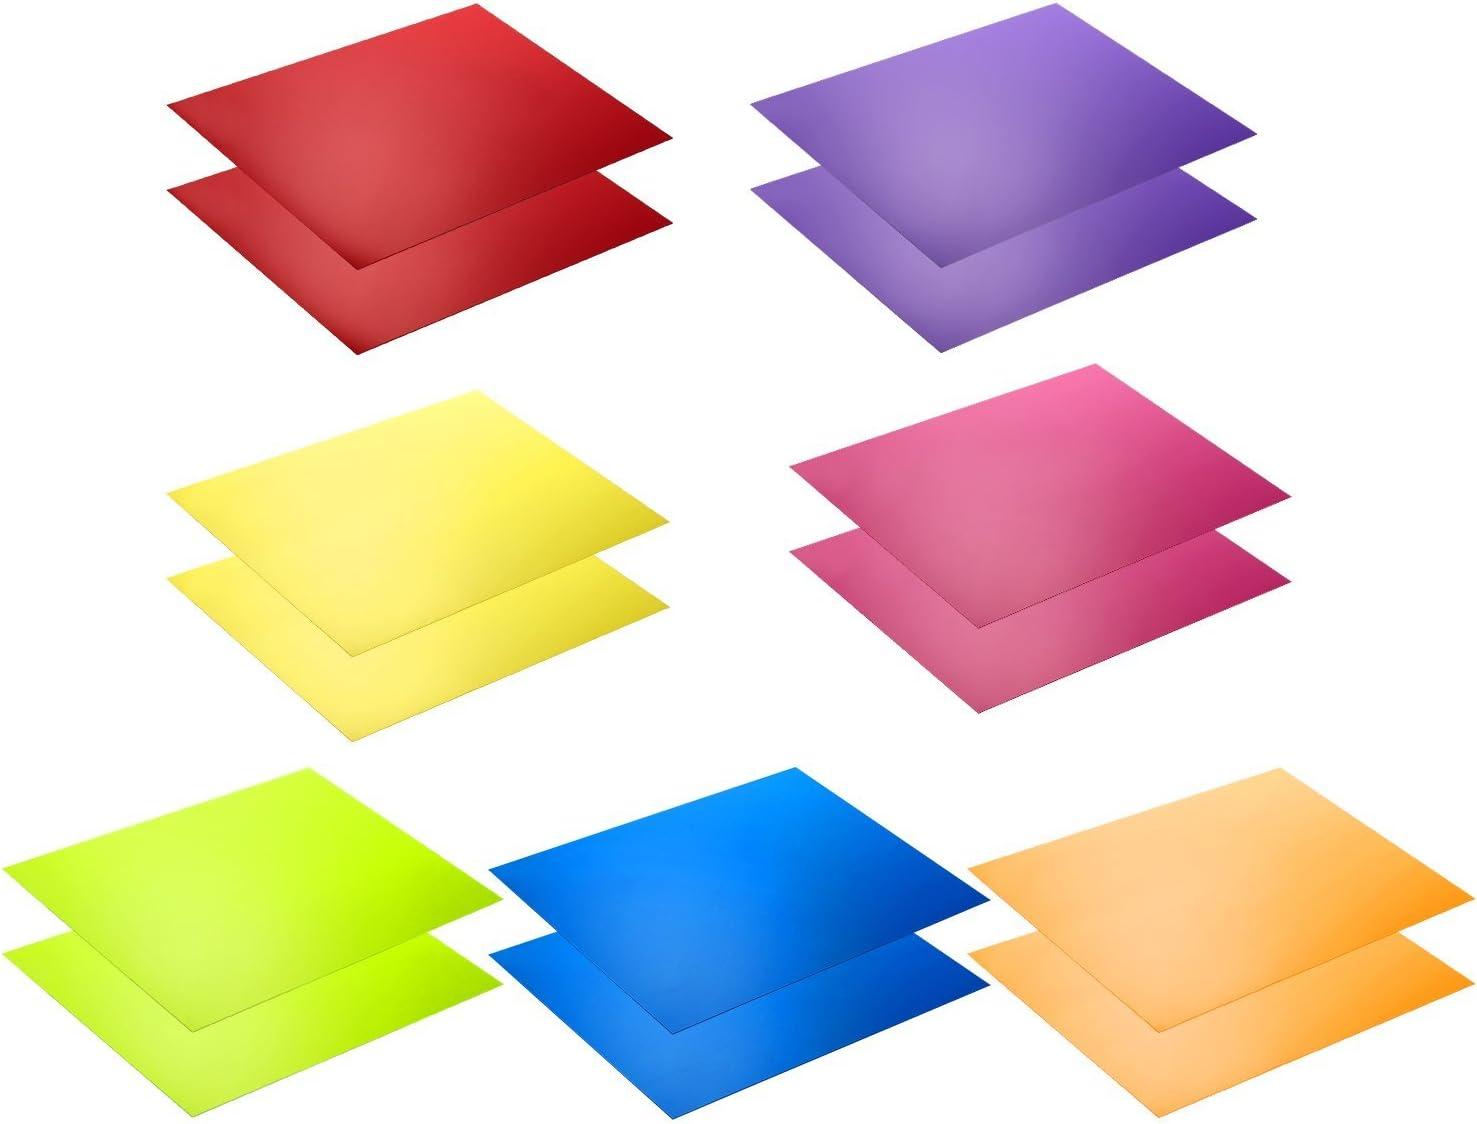 Neewer Kit de 14 piezas Filtro de Gel de Iluminación con 7 Colores Diferentes - 28 x 22 cm Lámina de Corrección de Color Transparente Láminas Plásticas de Película